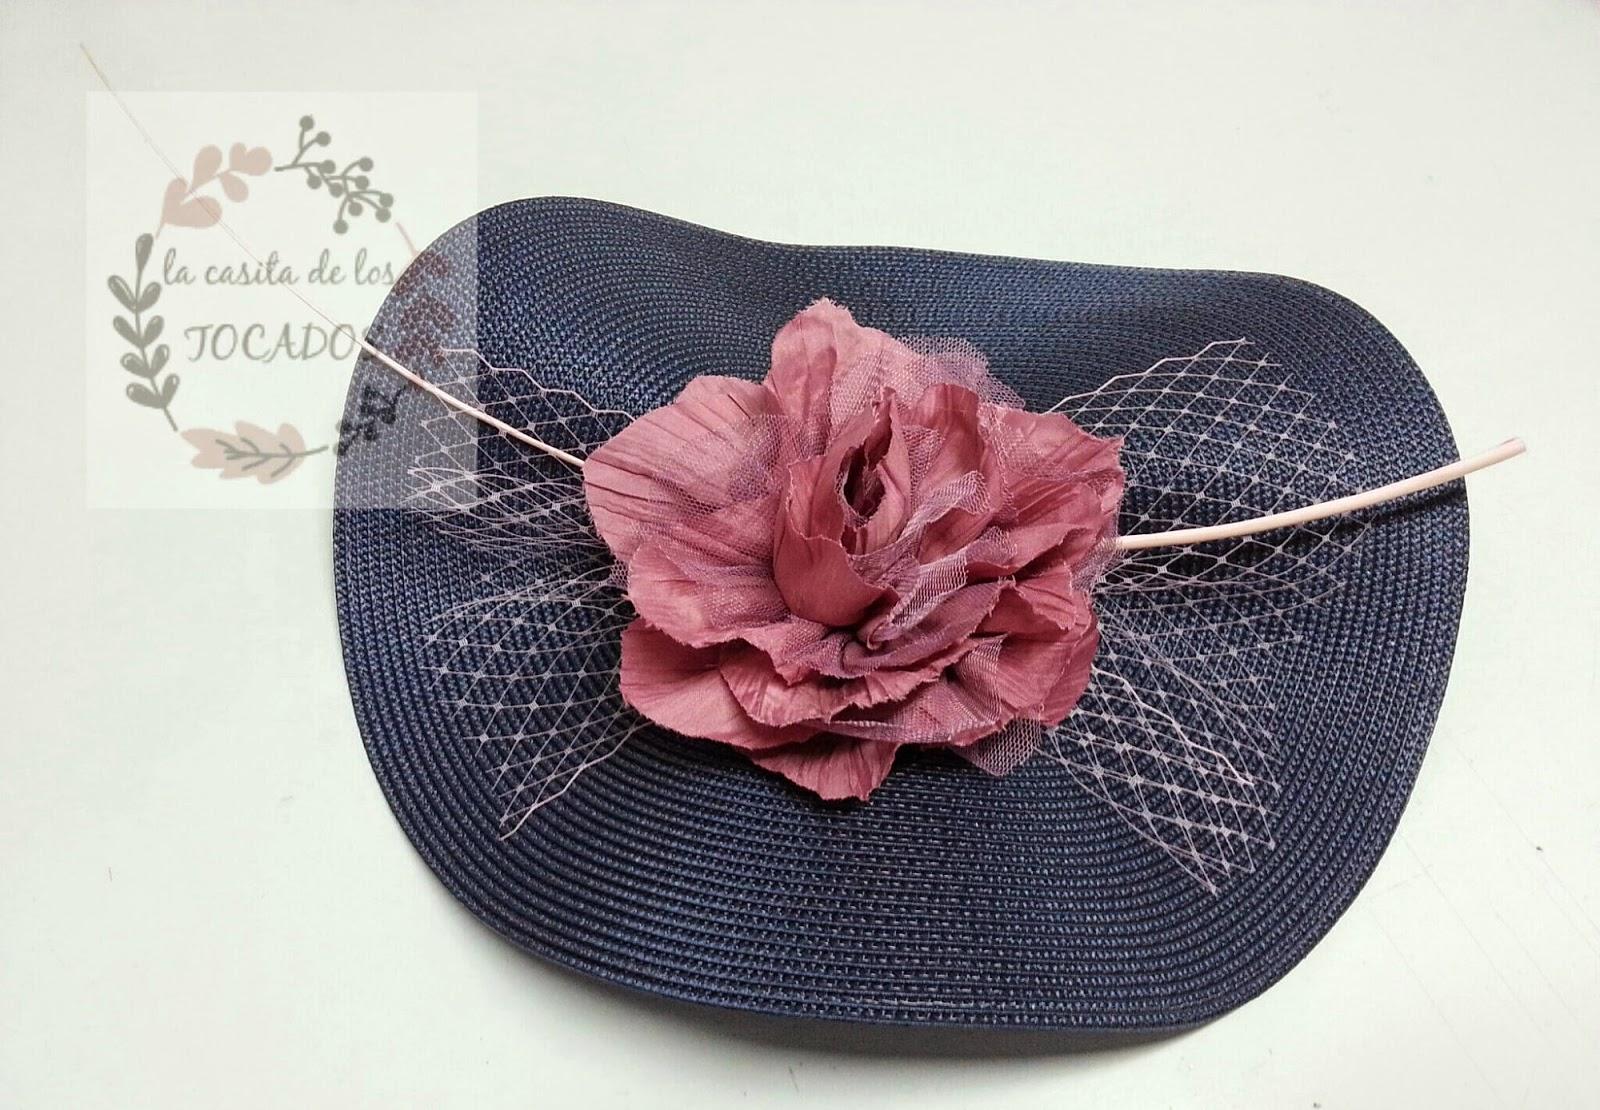 Fotos de ramos de rosas azules flores - Imagenes De Flores Rosas Azules